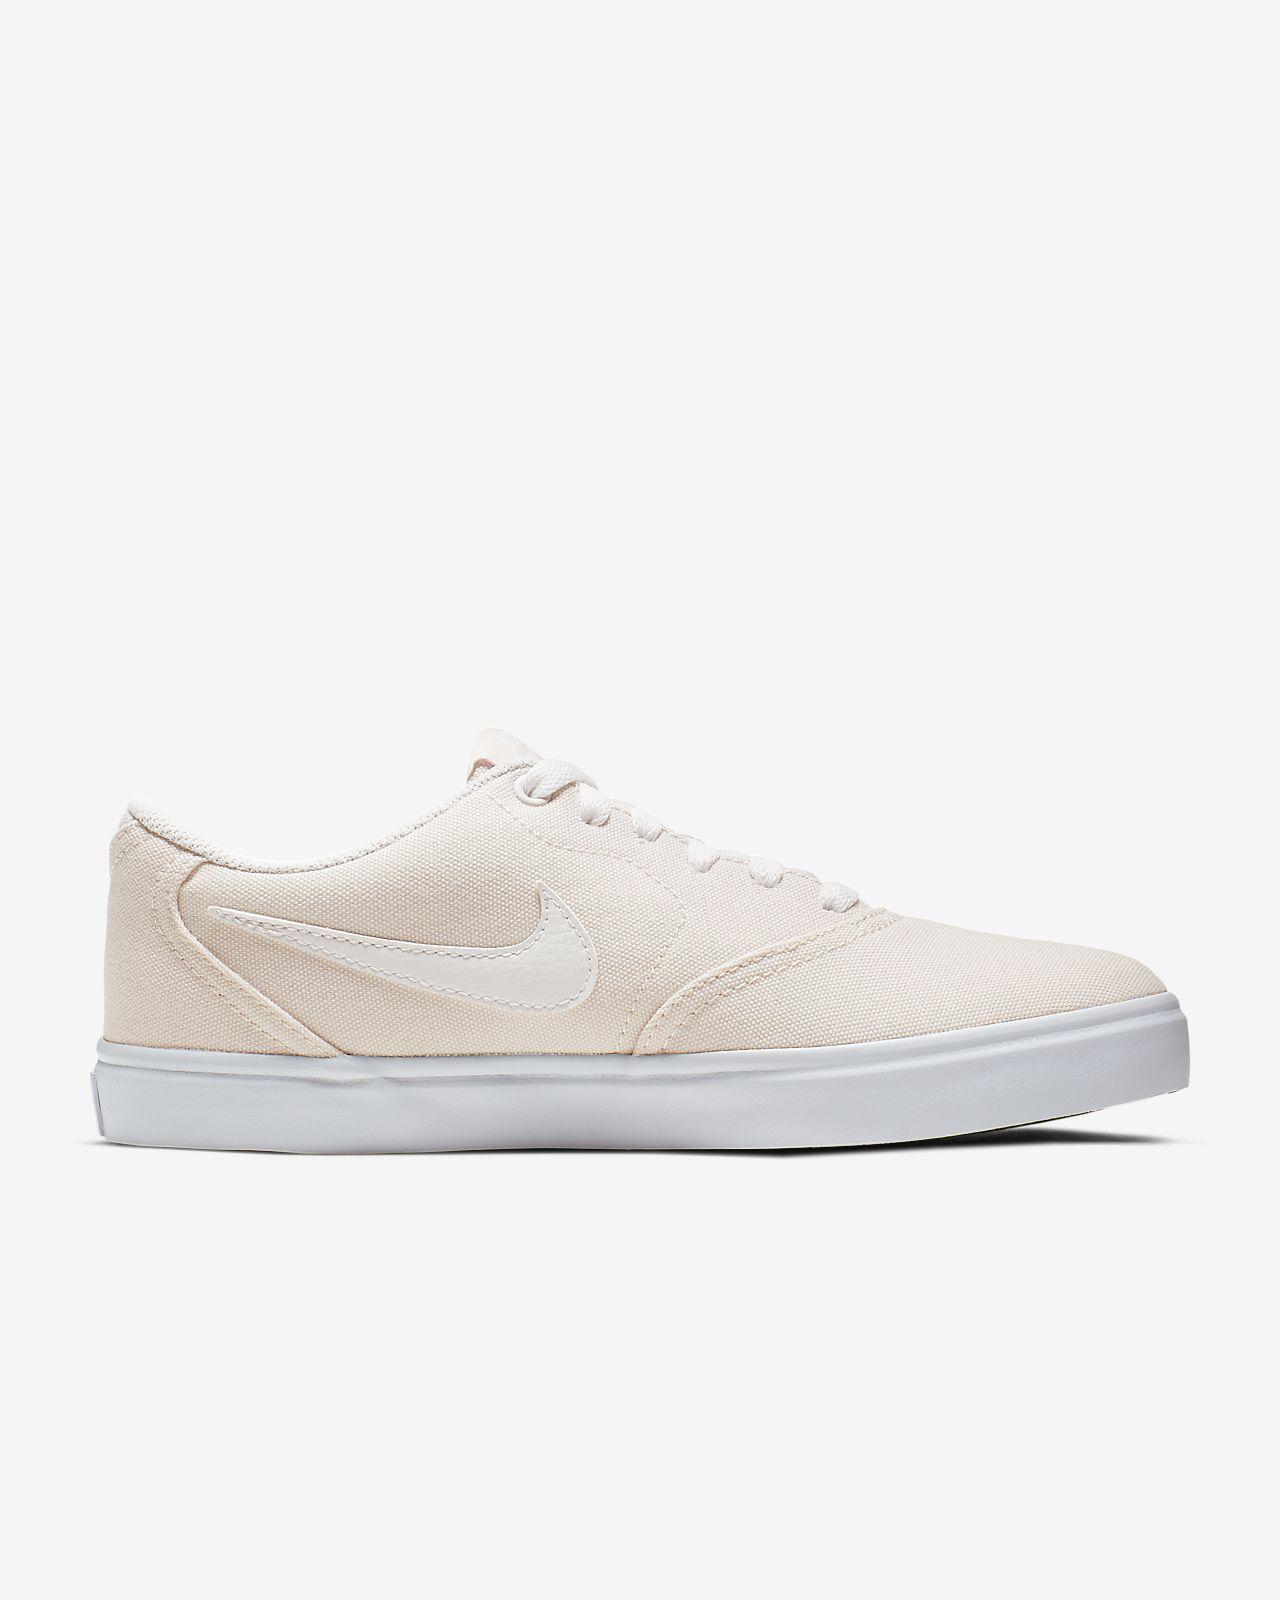 Damen Nike Sb Check Solarsoft Weiß Canvas Skate Schuhe Weiß